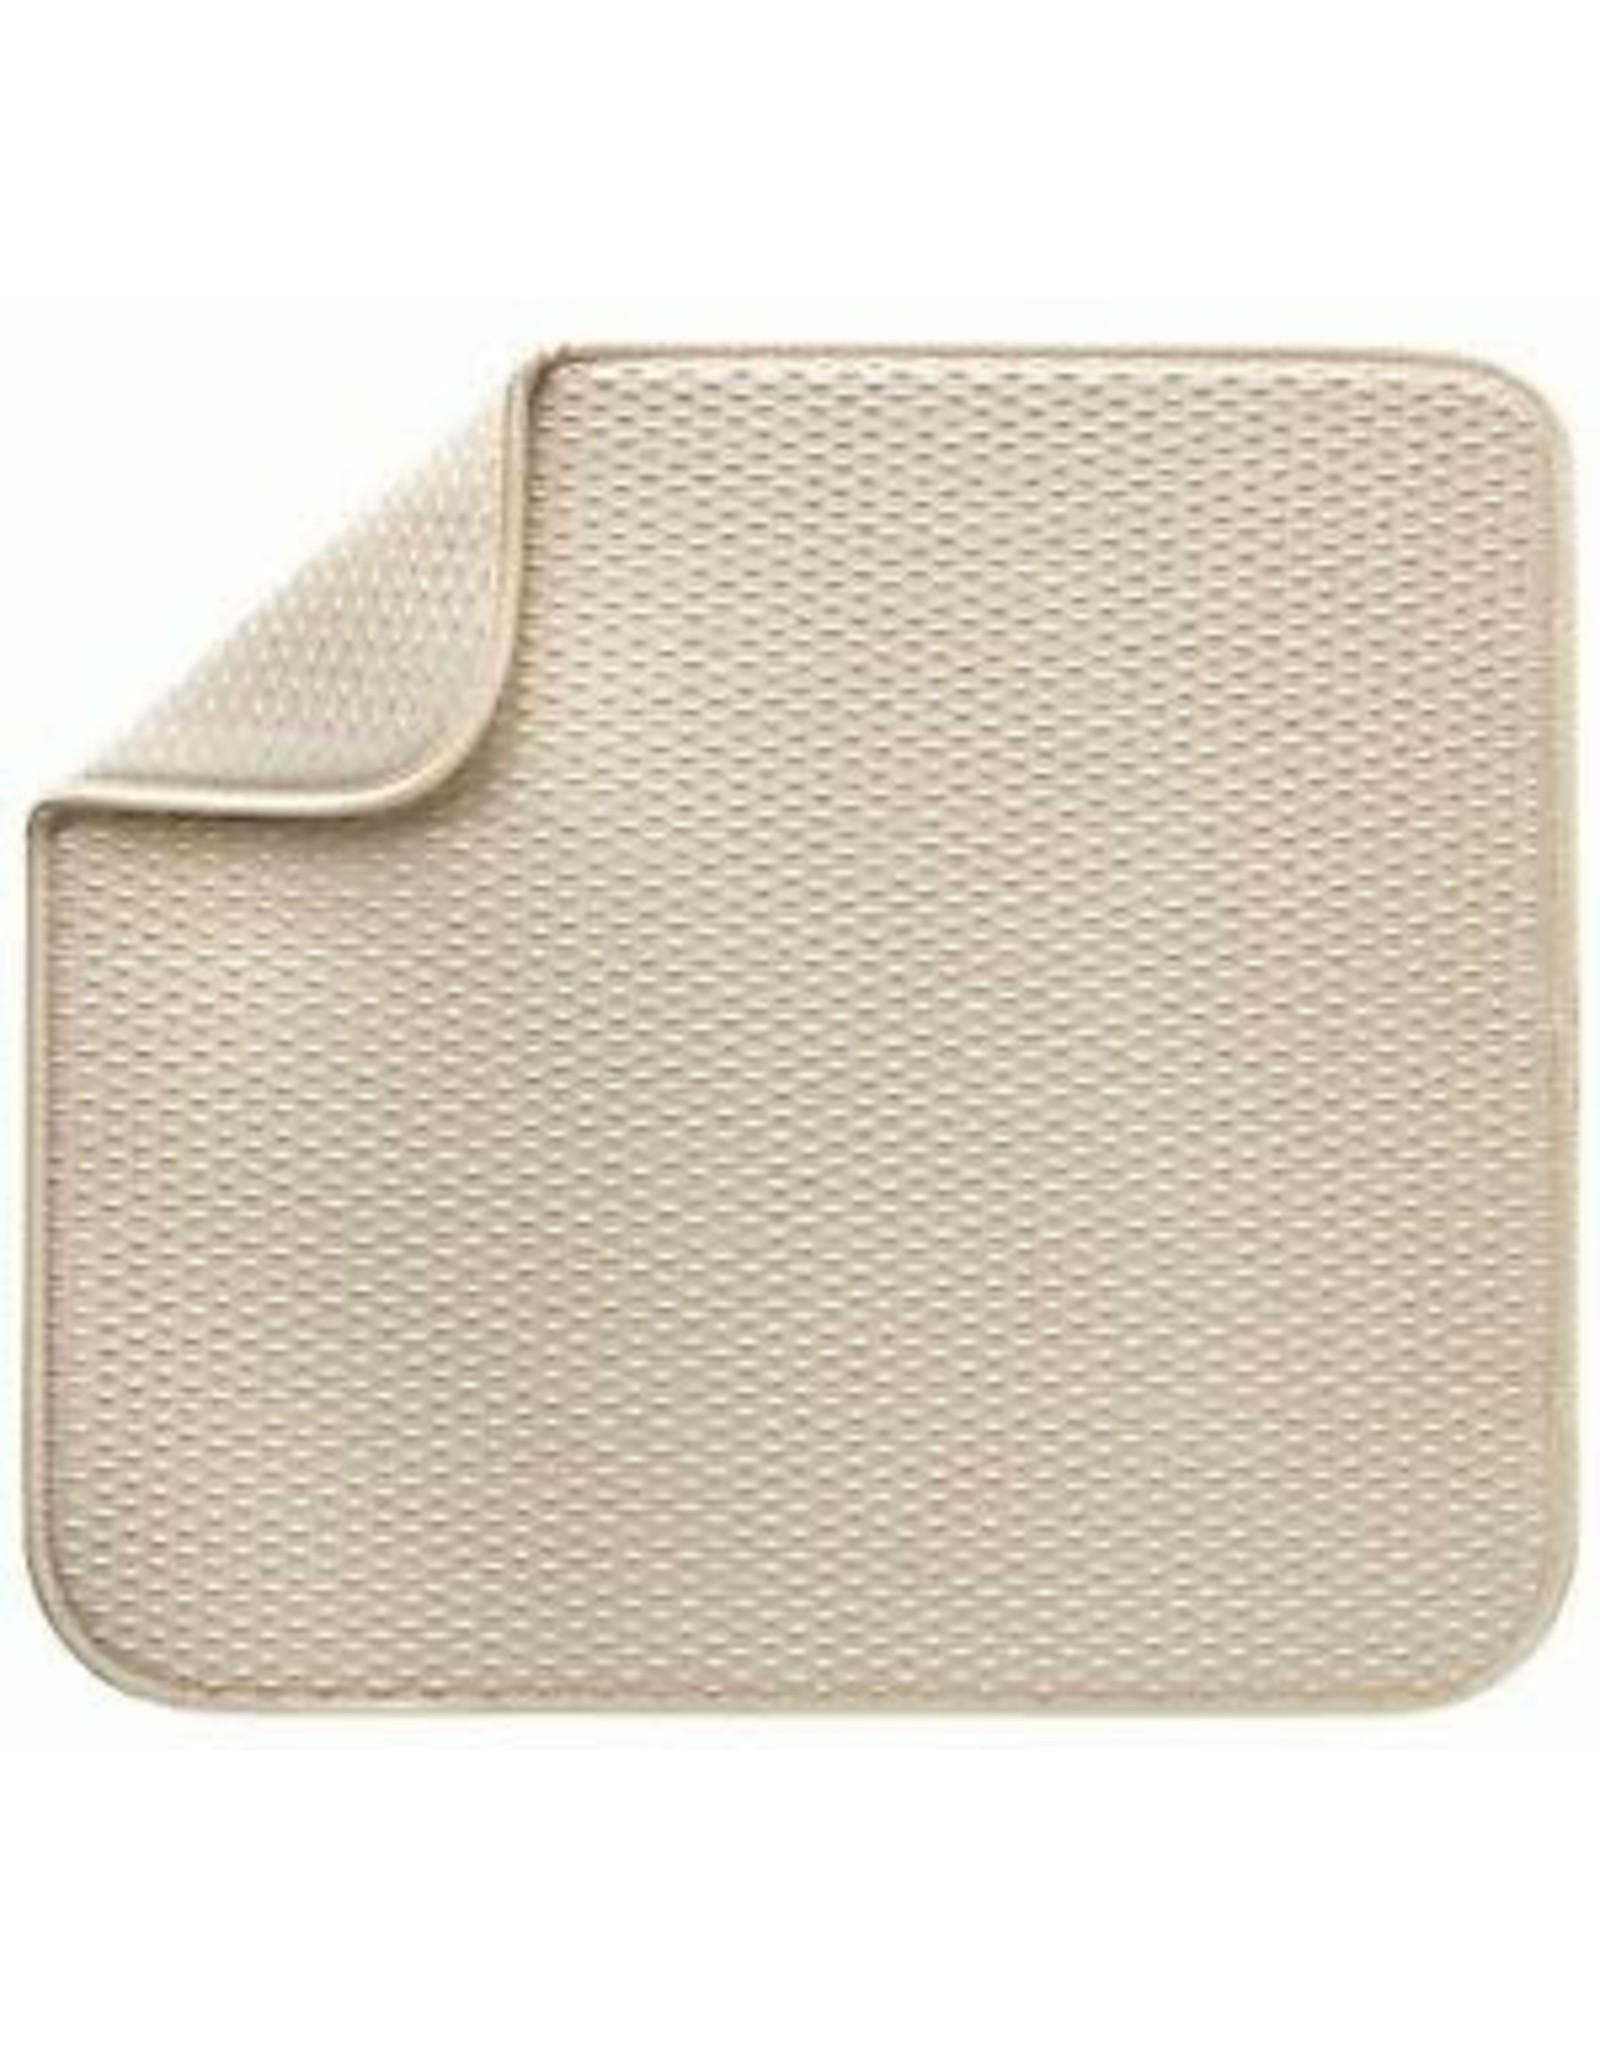 Fox Run Dish Drying Mat, Cream, 18x24